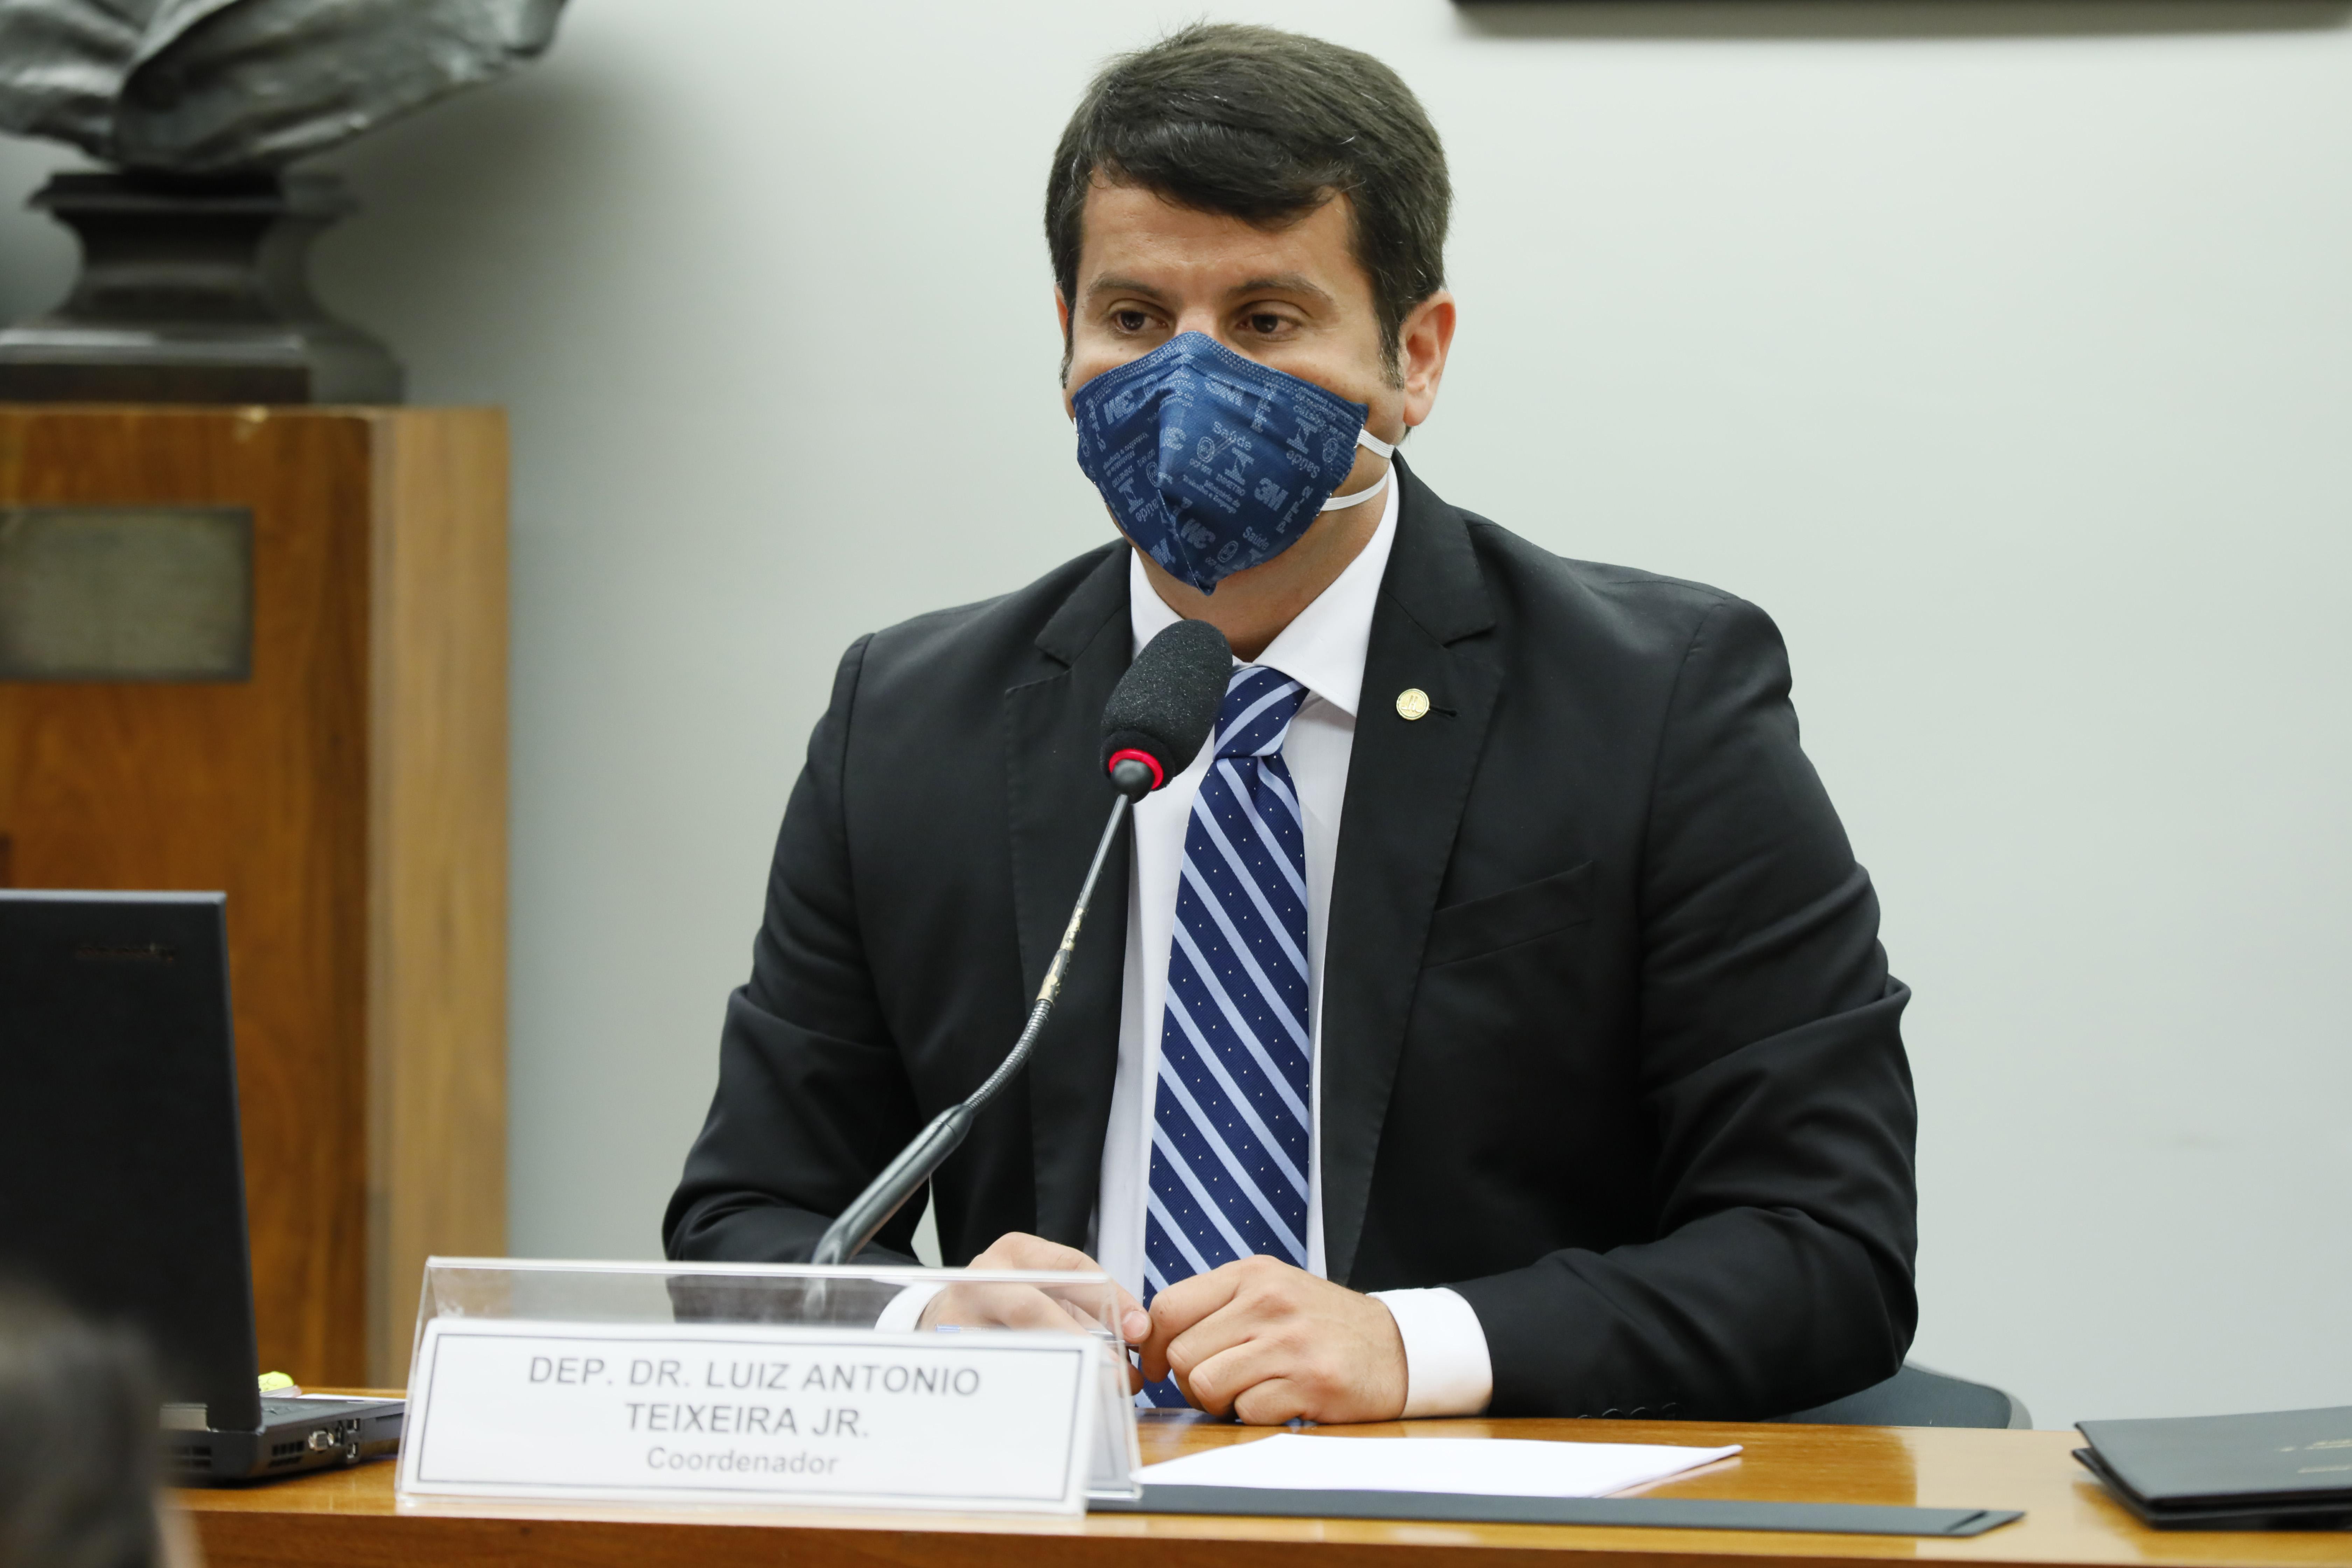 54ª Reunião Técnica por Videoconferência - O Panorama da Pandemia no Brasil. Dep. Dr. Luiz Antonio Teixeira Jr. (PP - RJ)